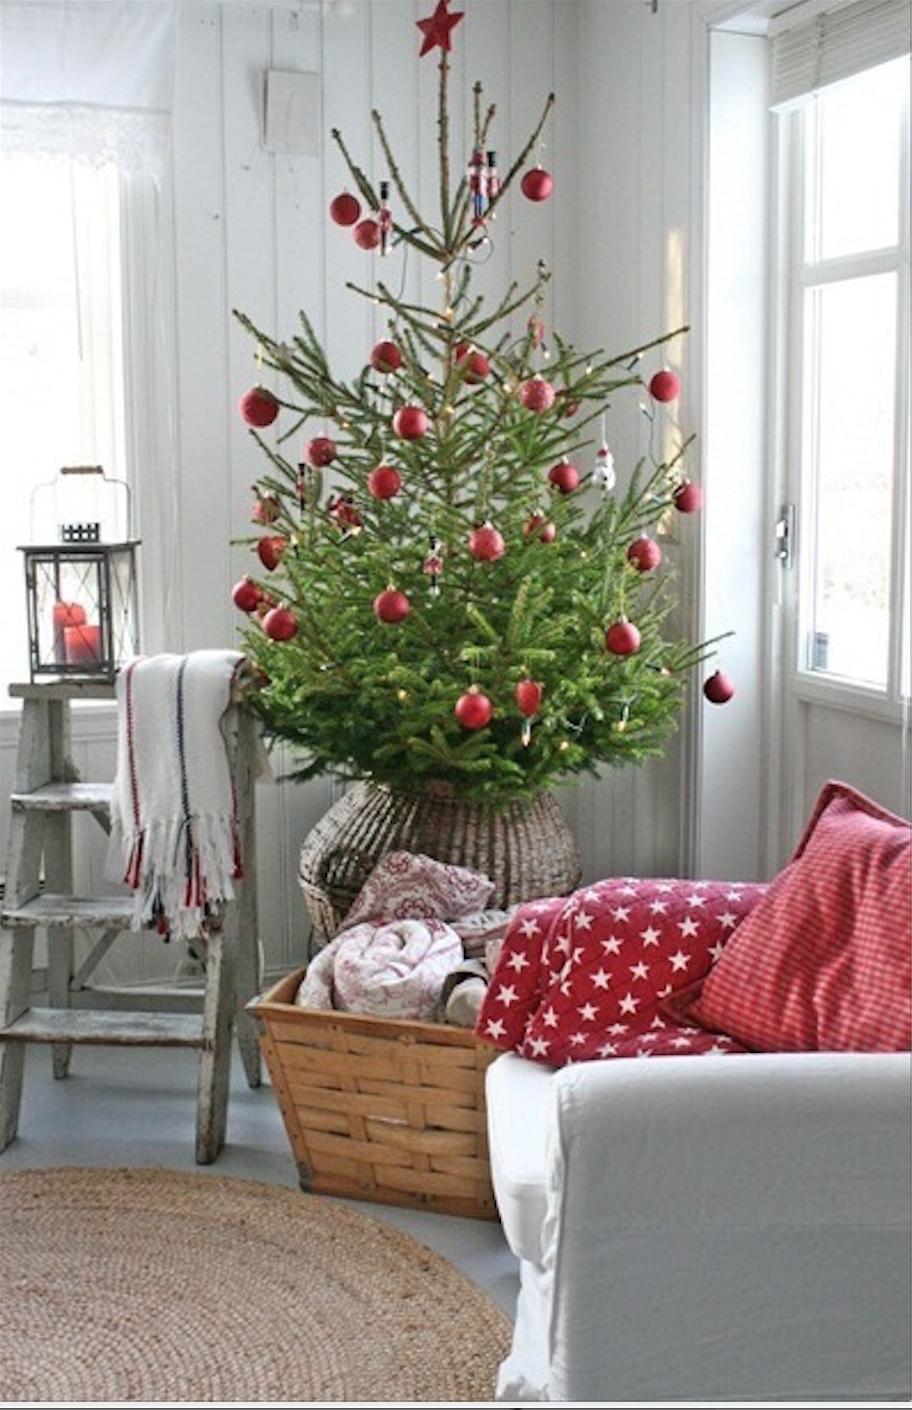 Die 15 sch nsten weihnachtsb ume sweet home for Weihnachtsbaum rot silber